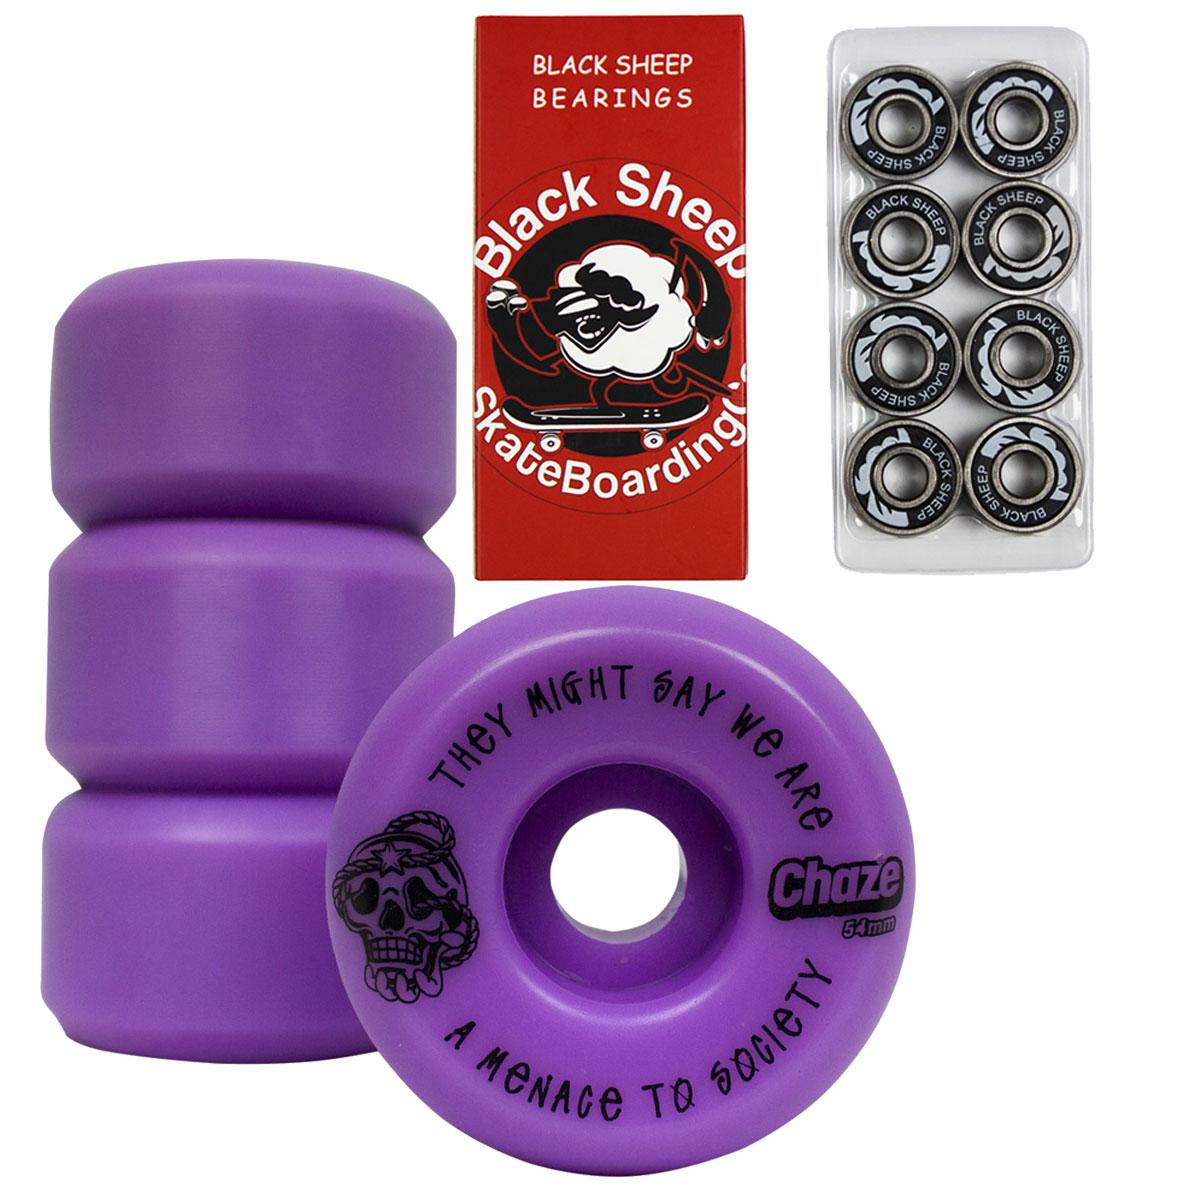 Roda Skate Street 54mm Chaze 102A Rolamento BS Reds